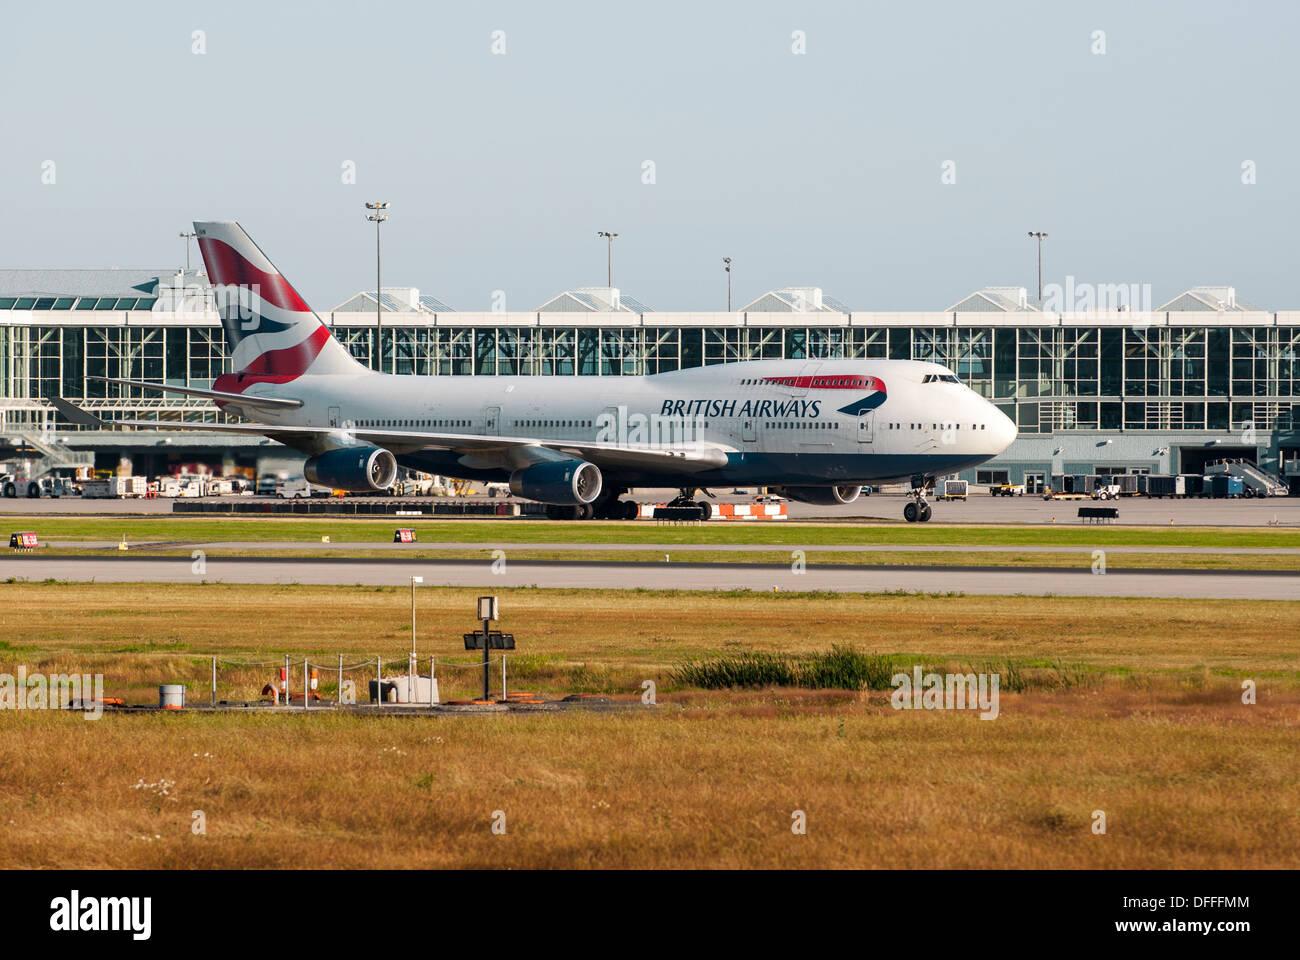 British Airways Boeing 747-436 le roulage piste à l'aéroport, l'Aéroport International de Vancouver. Photo Stock